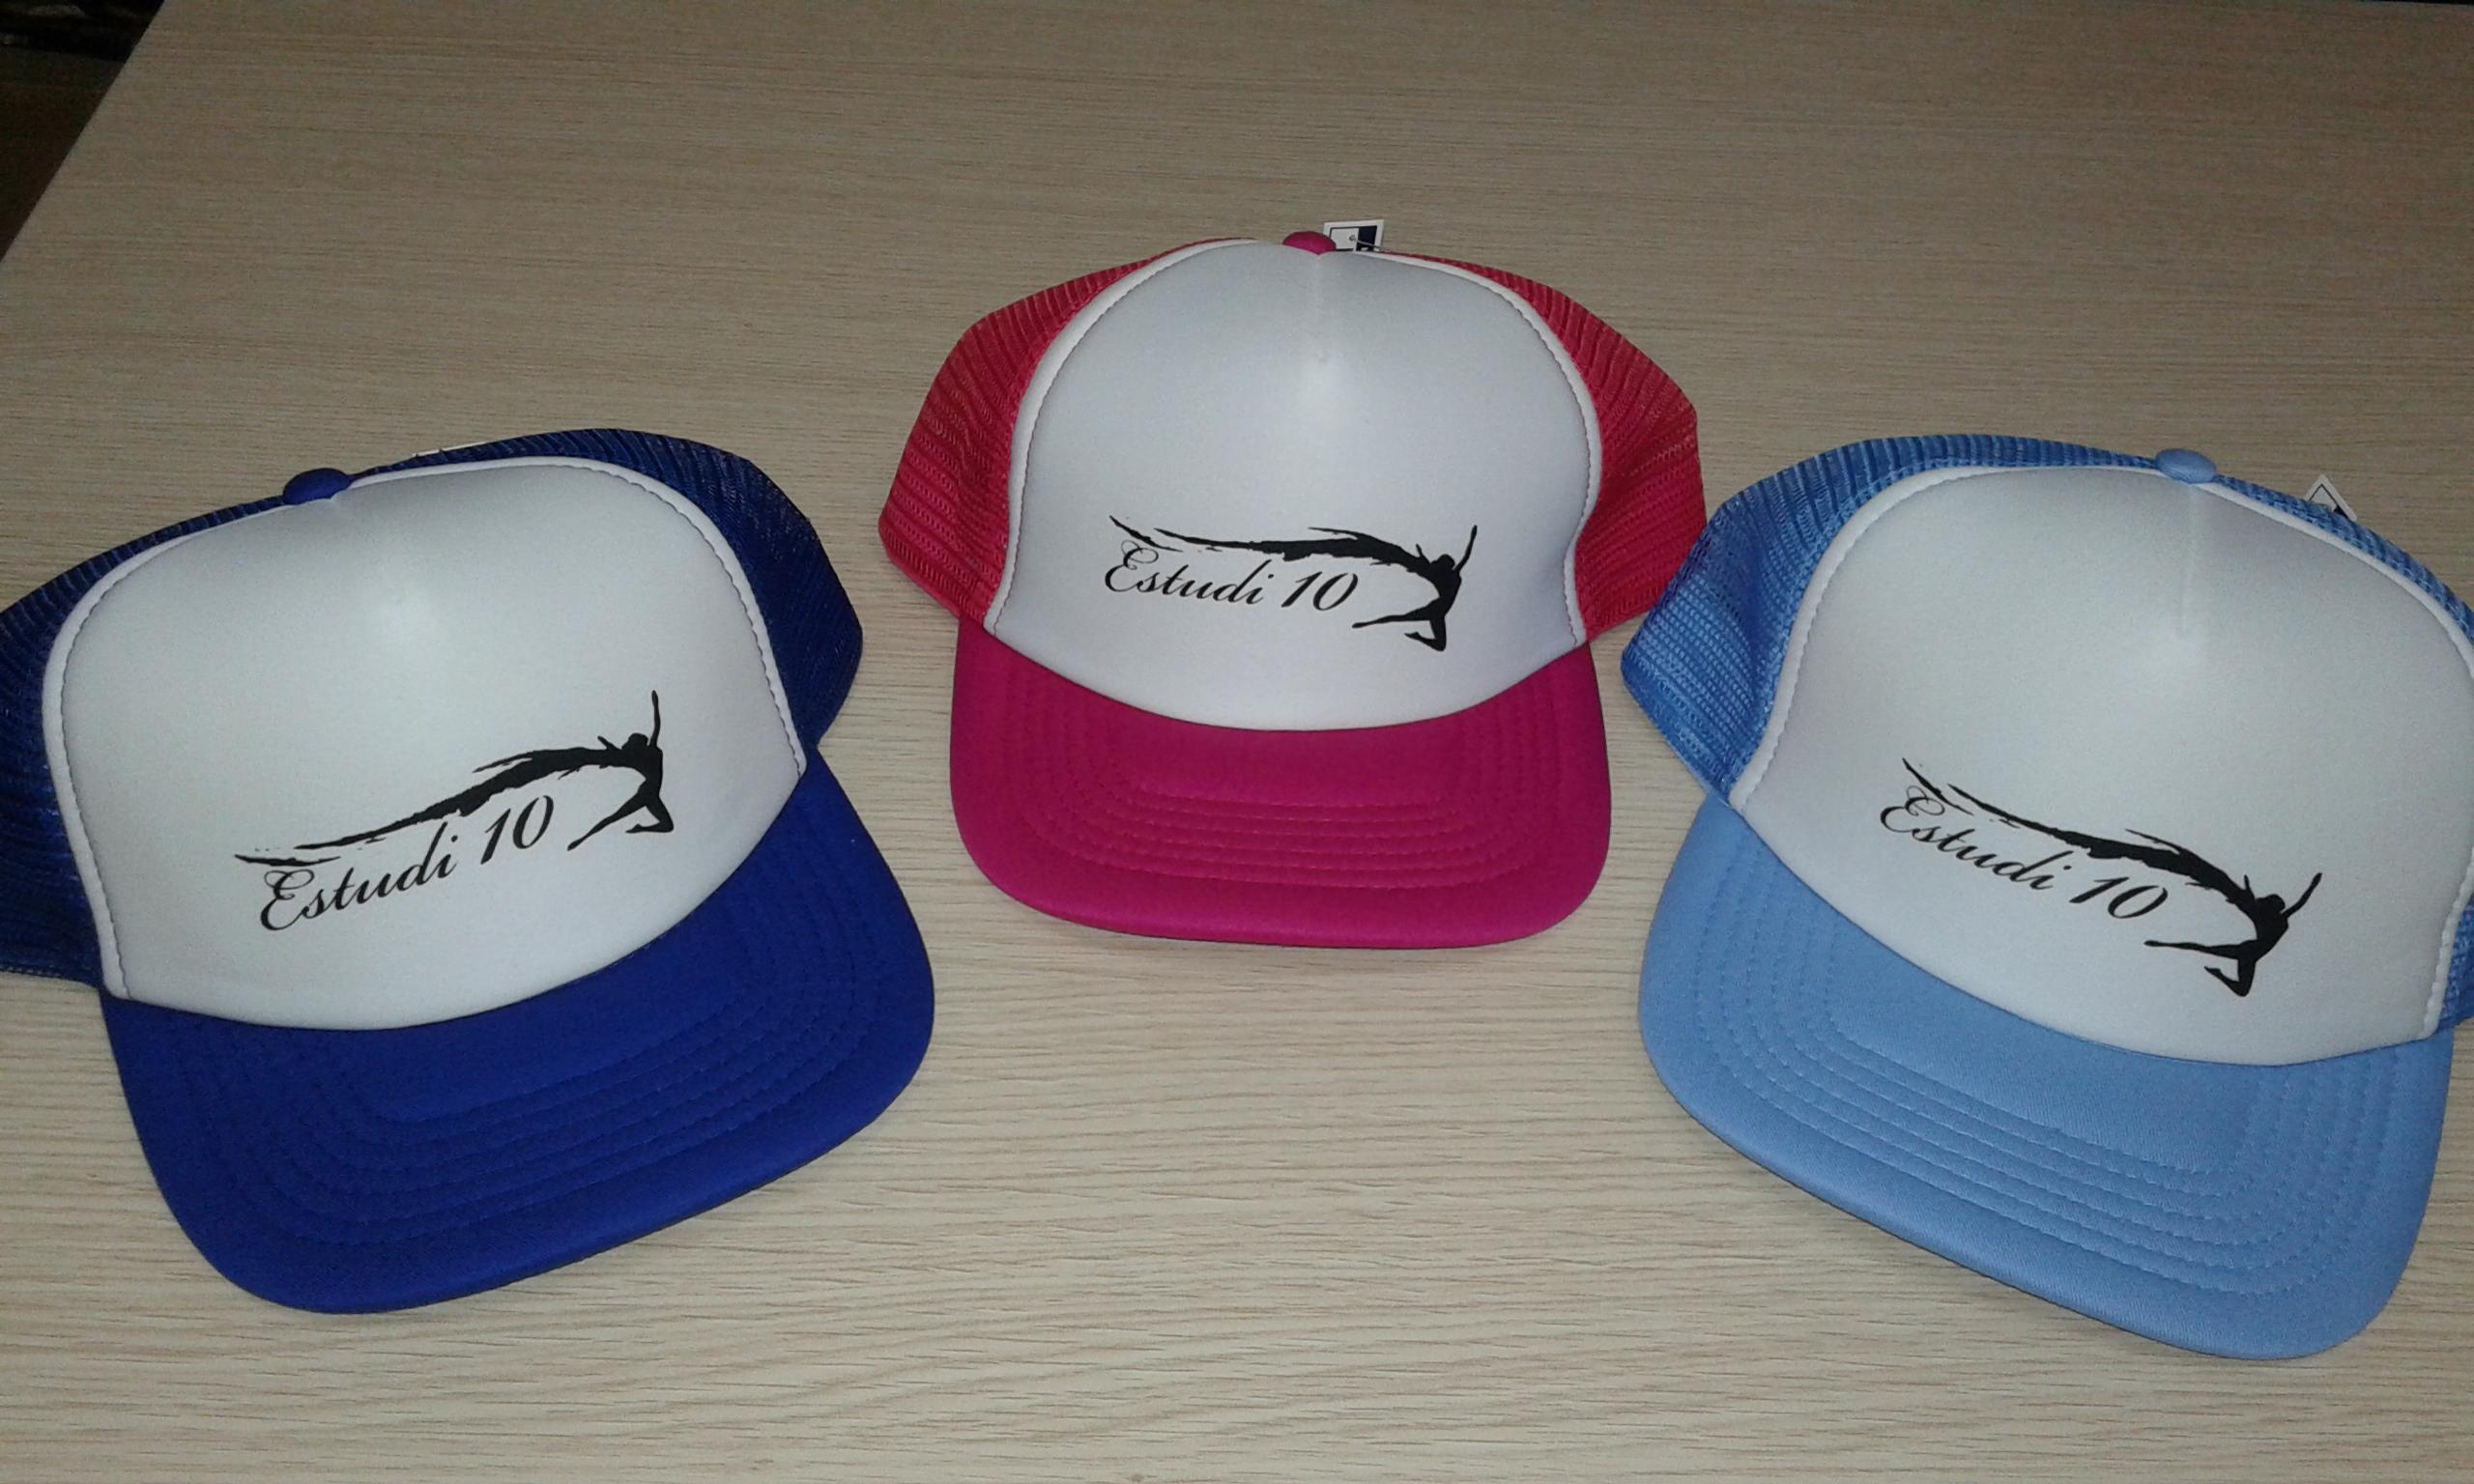 Camisetas y gorras personalizadas - Blog de camisetas personalizadas 0e5858e7f76